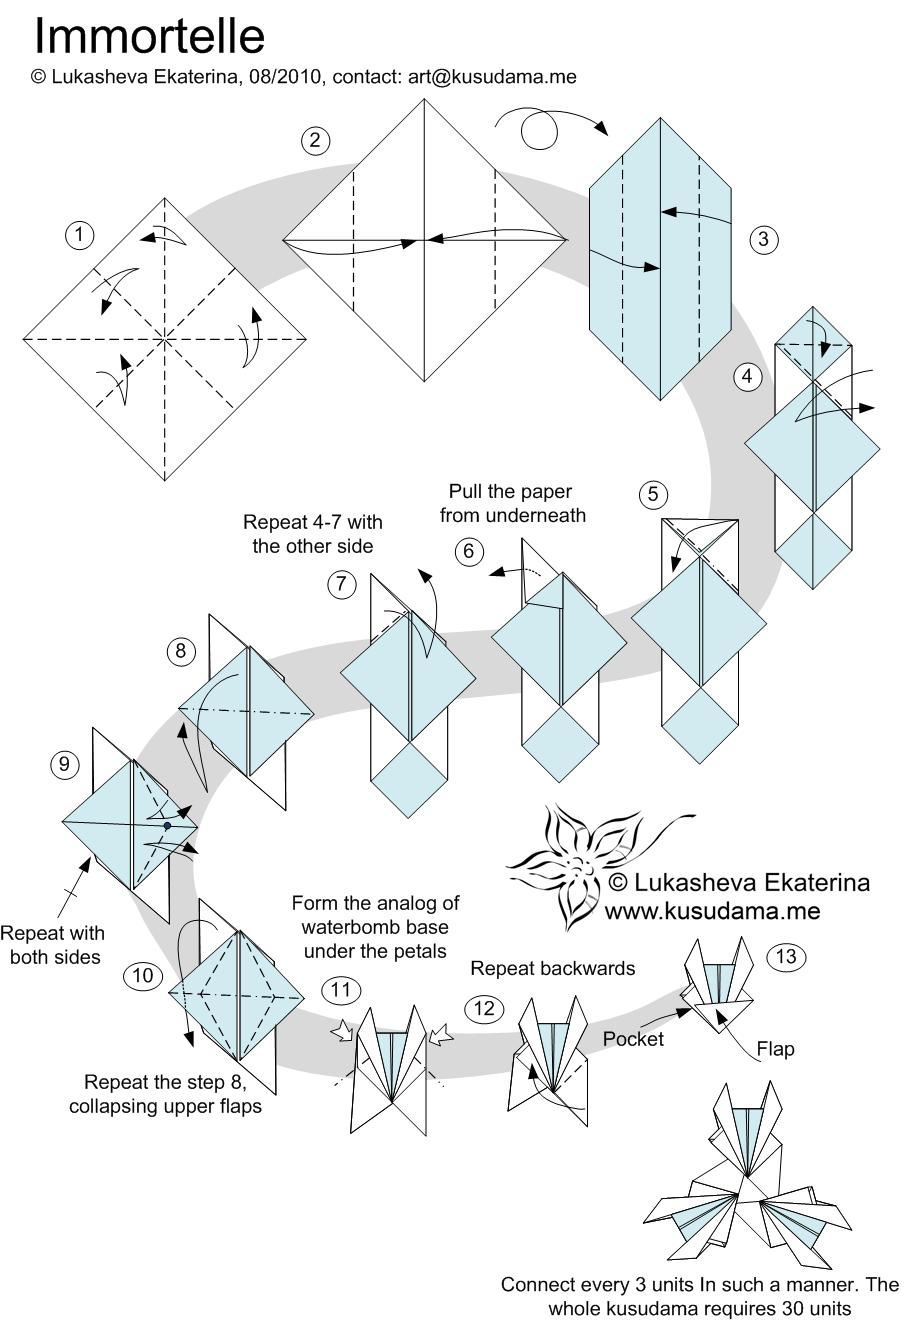 Kusudama me modular origami dragonfly unit diagram for immortelle kusudama jeuxipadfo Image collections